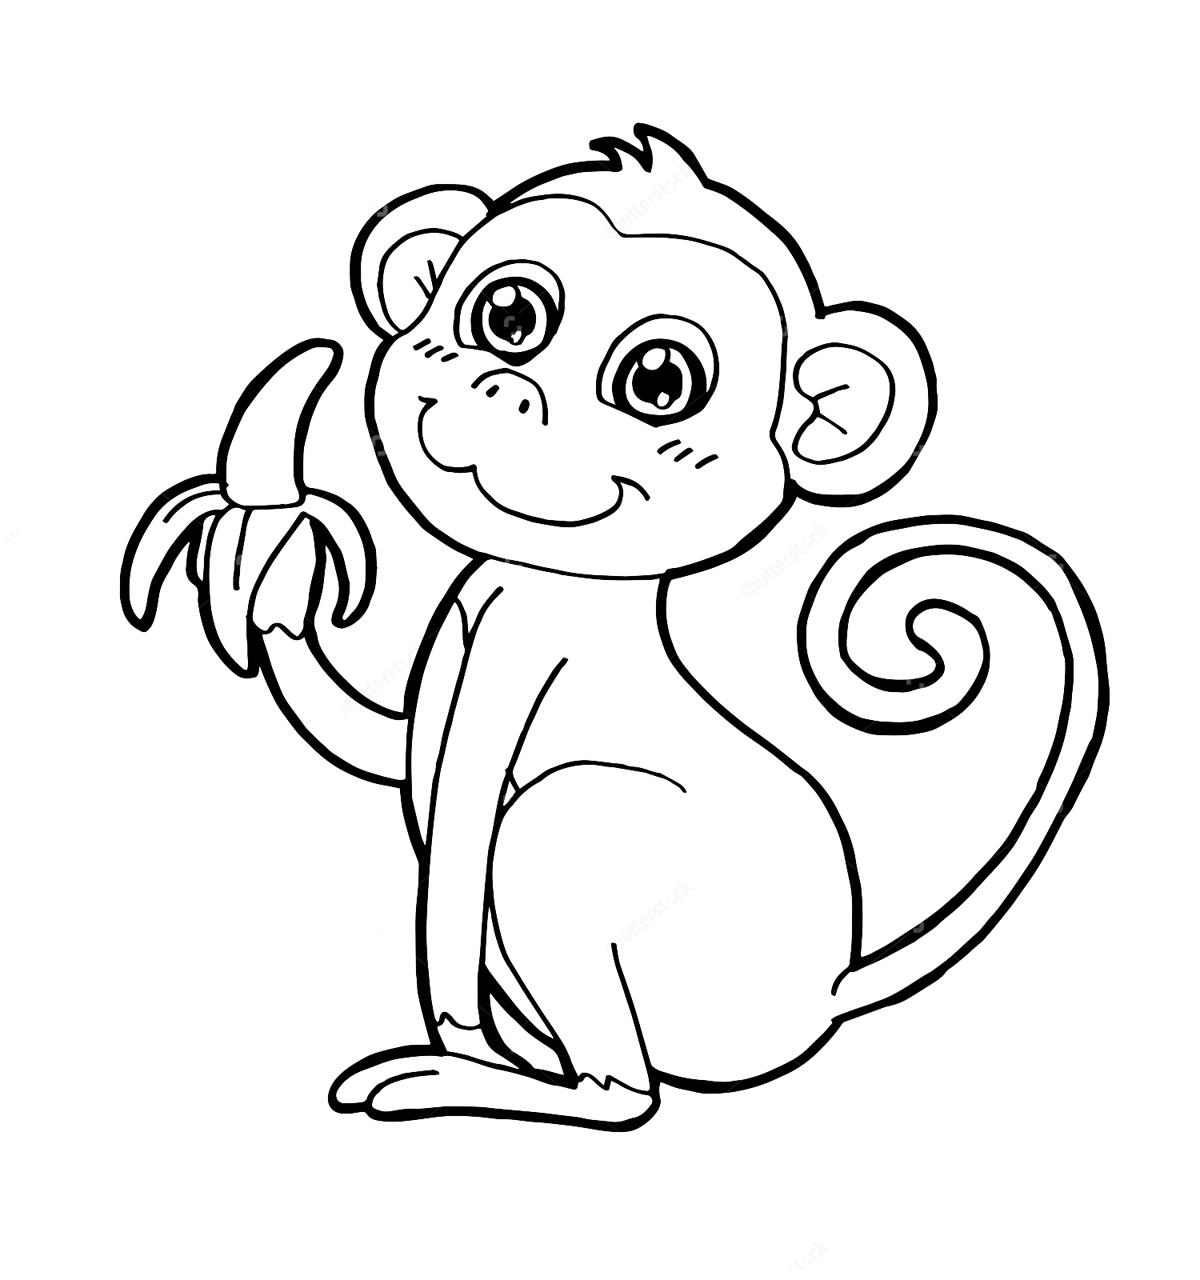 Раскраски обезьяна печатать